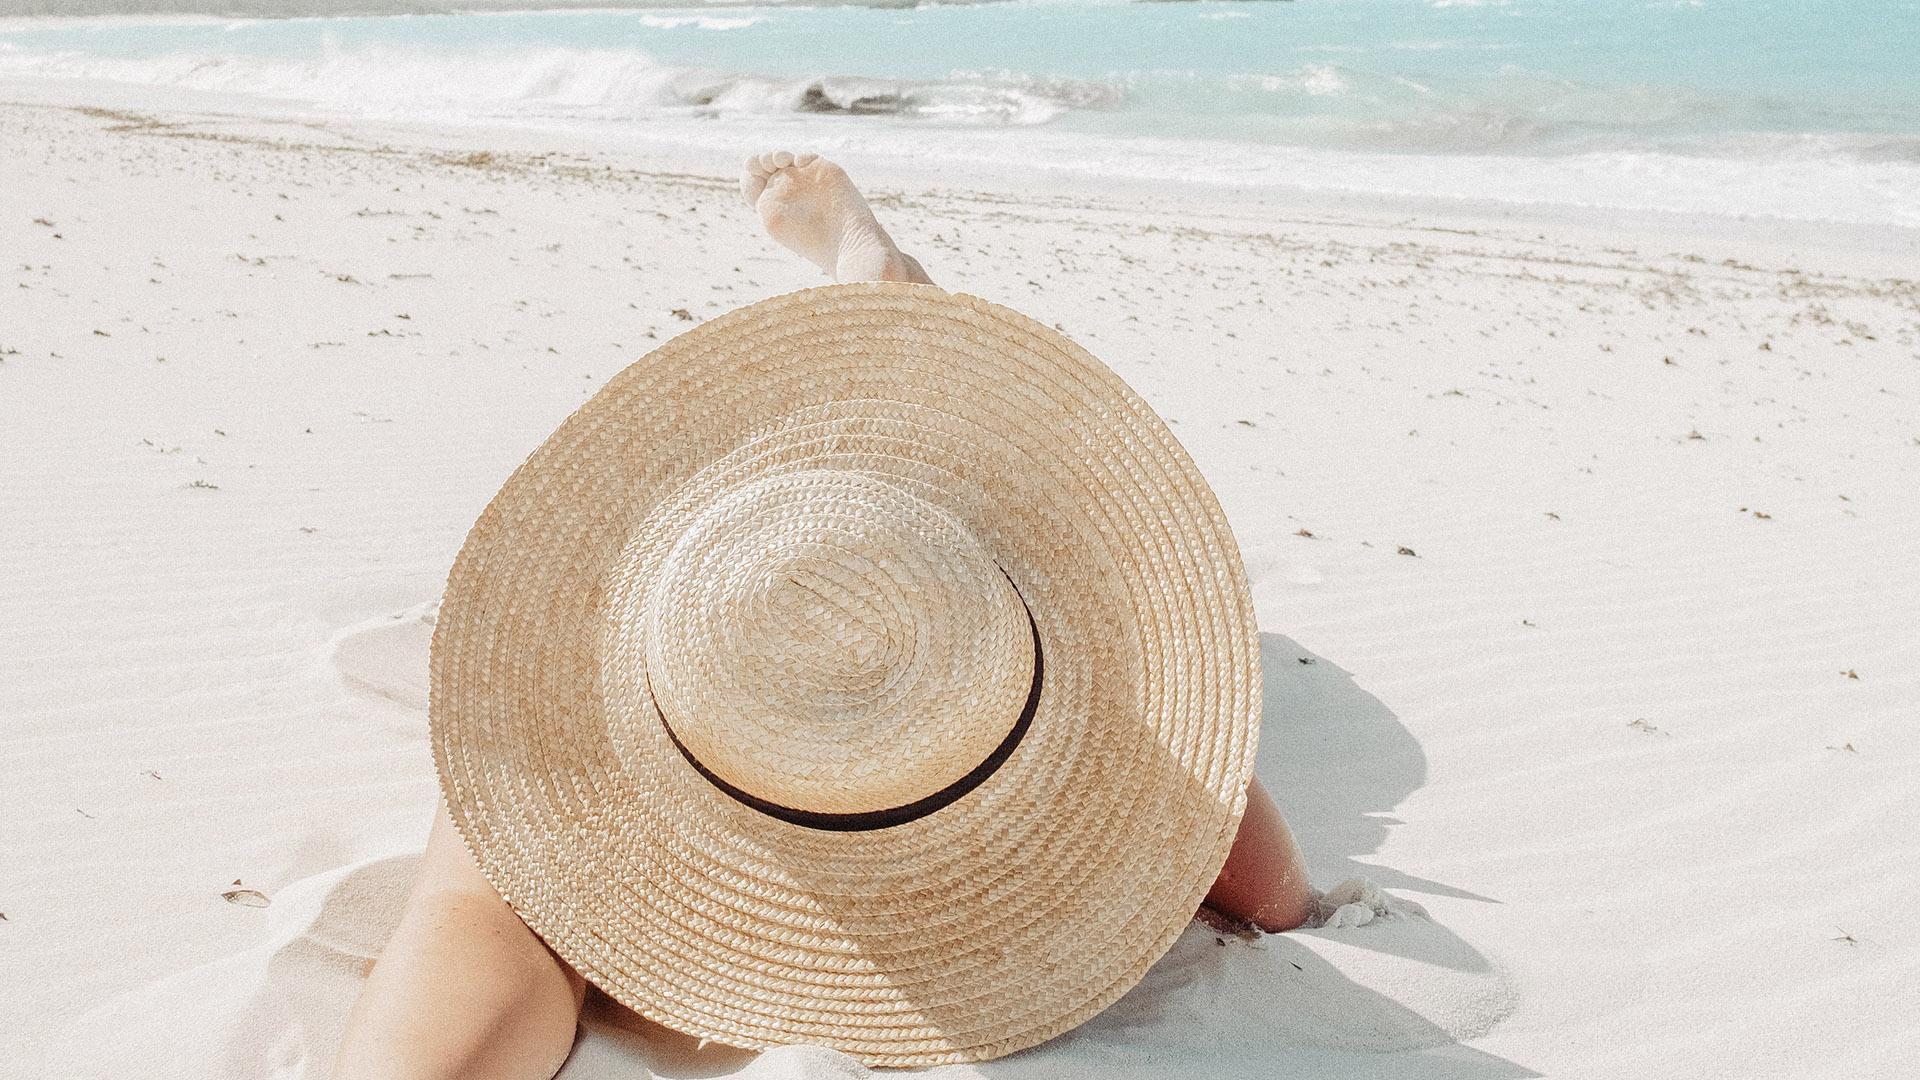 Cappelli di paglia da spiaggia: pratici e stilosi sotto al sole e sulla sabbia